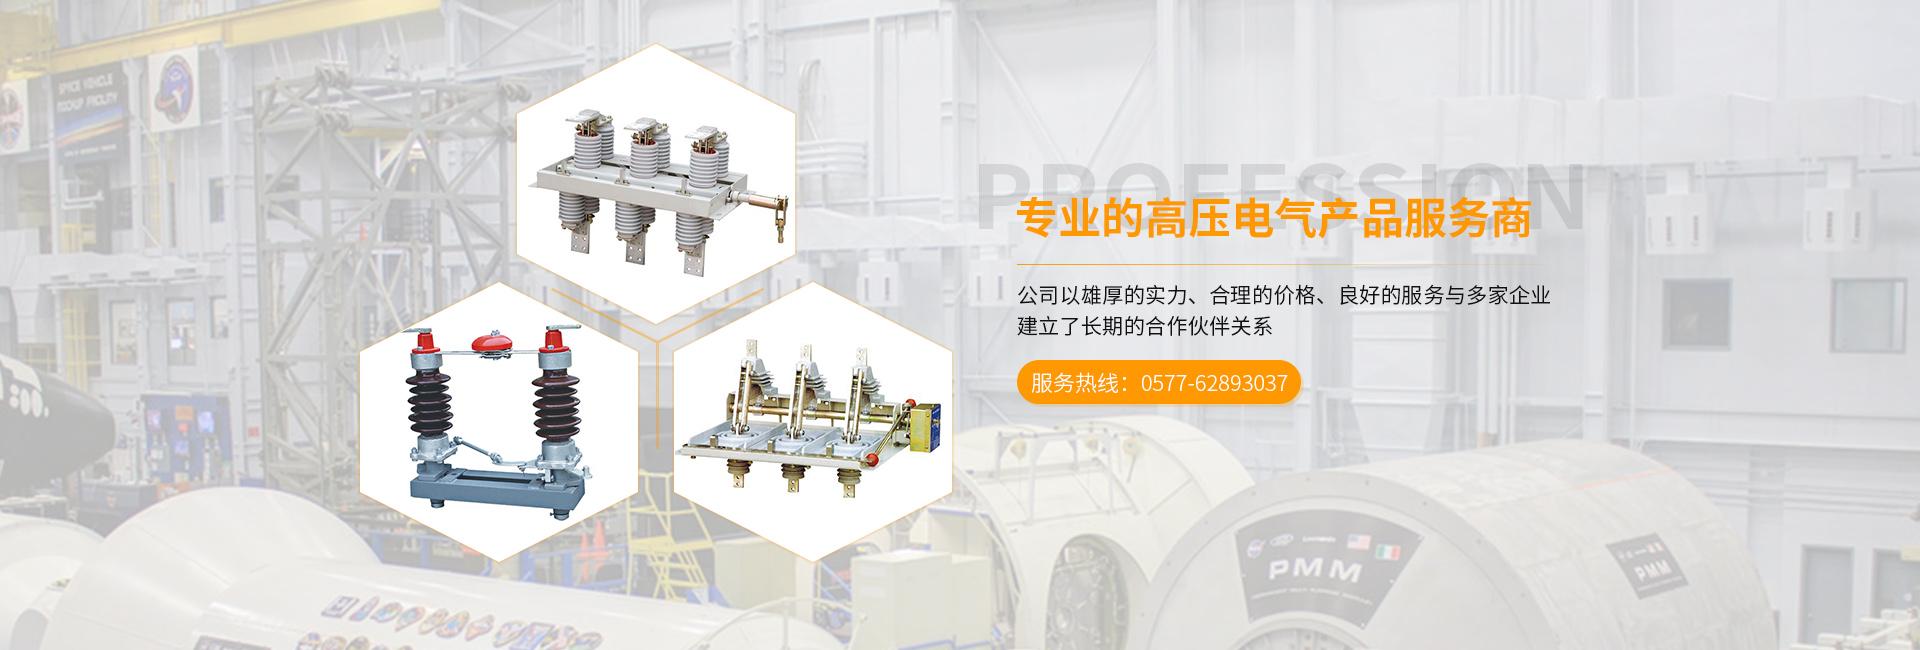 温州雷泉电气有限公司